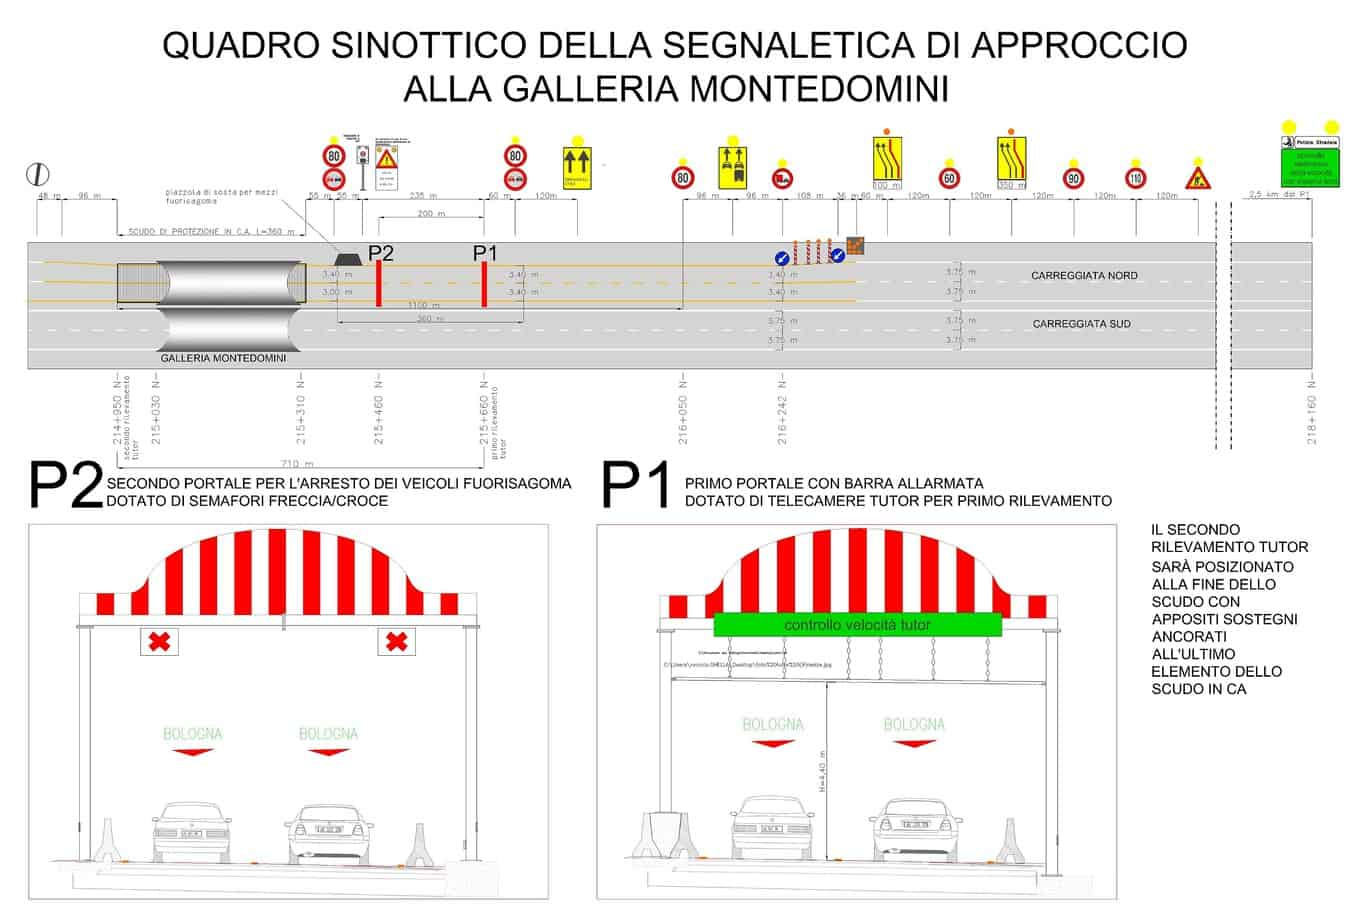 Il quadro sinottico della segnaletica in approccio alla galleria Montedomini